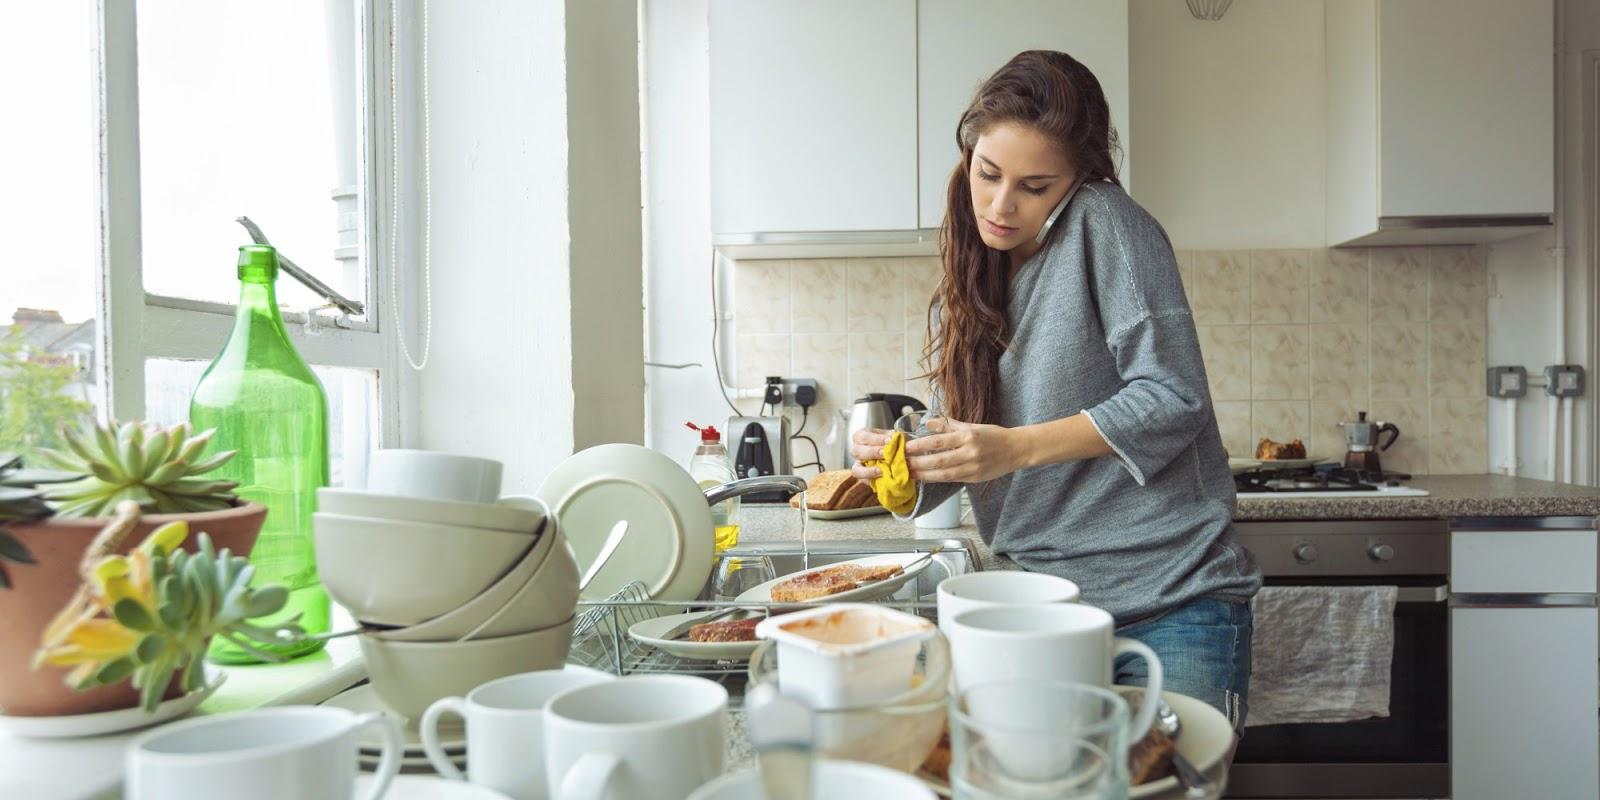 Kiat Mudah dan Cepat Mencuci Piring Bagi Ibu Rumah Tangga